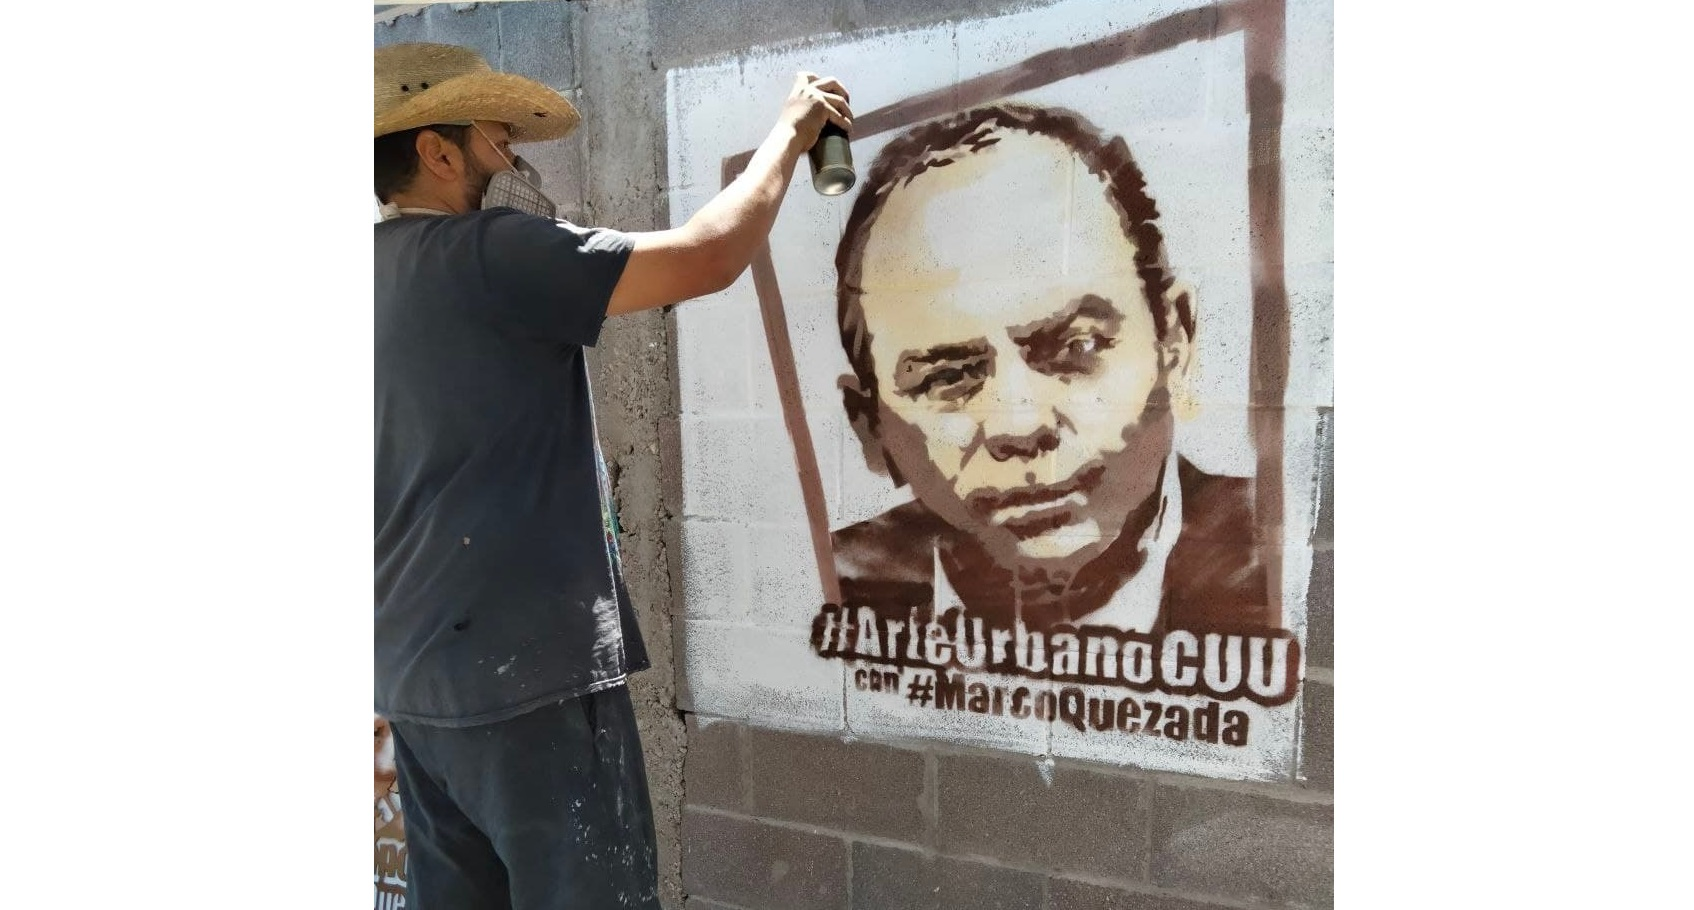 Artistas urbanos se suman al proyecto de Marco Quezada